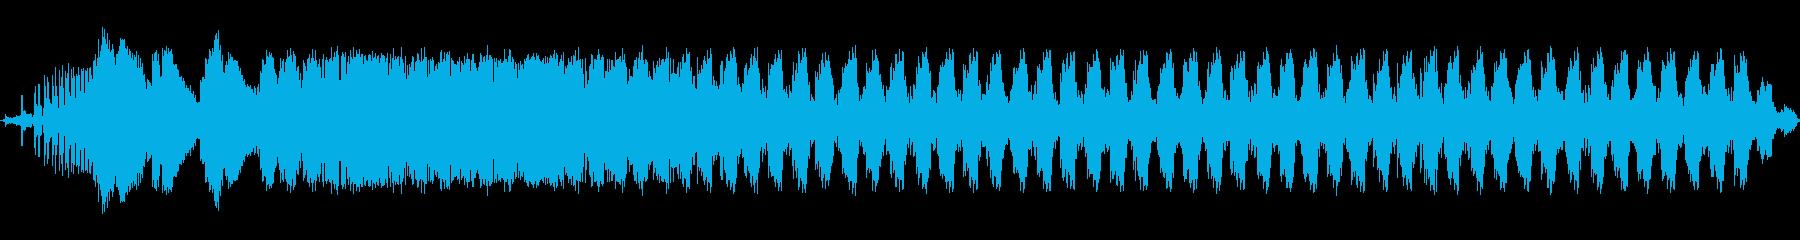 車、Revs、ラウド、Deep C...の再生済みの波形